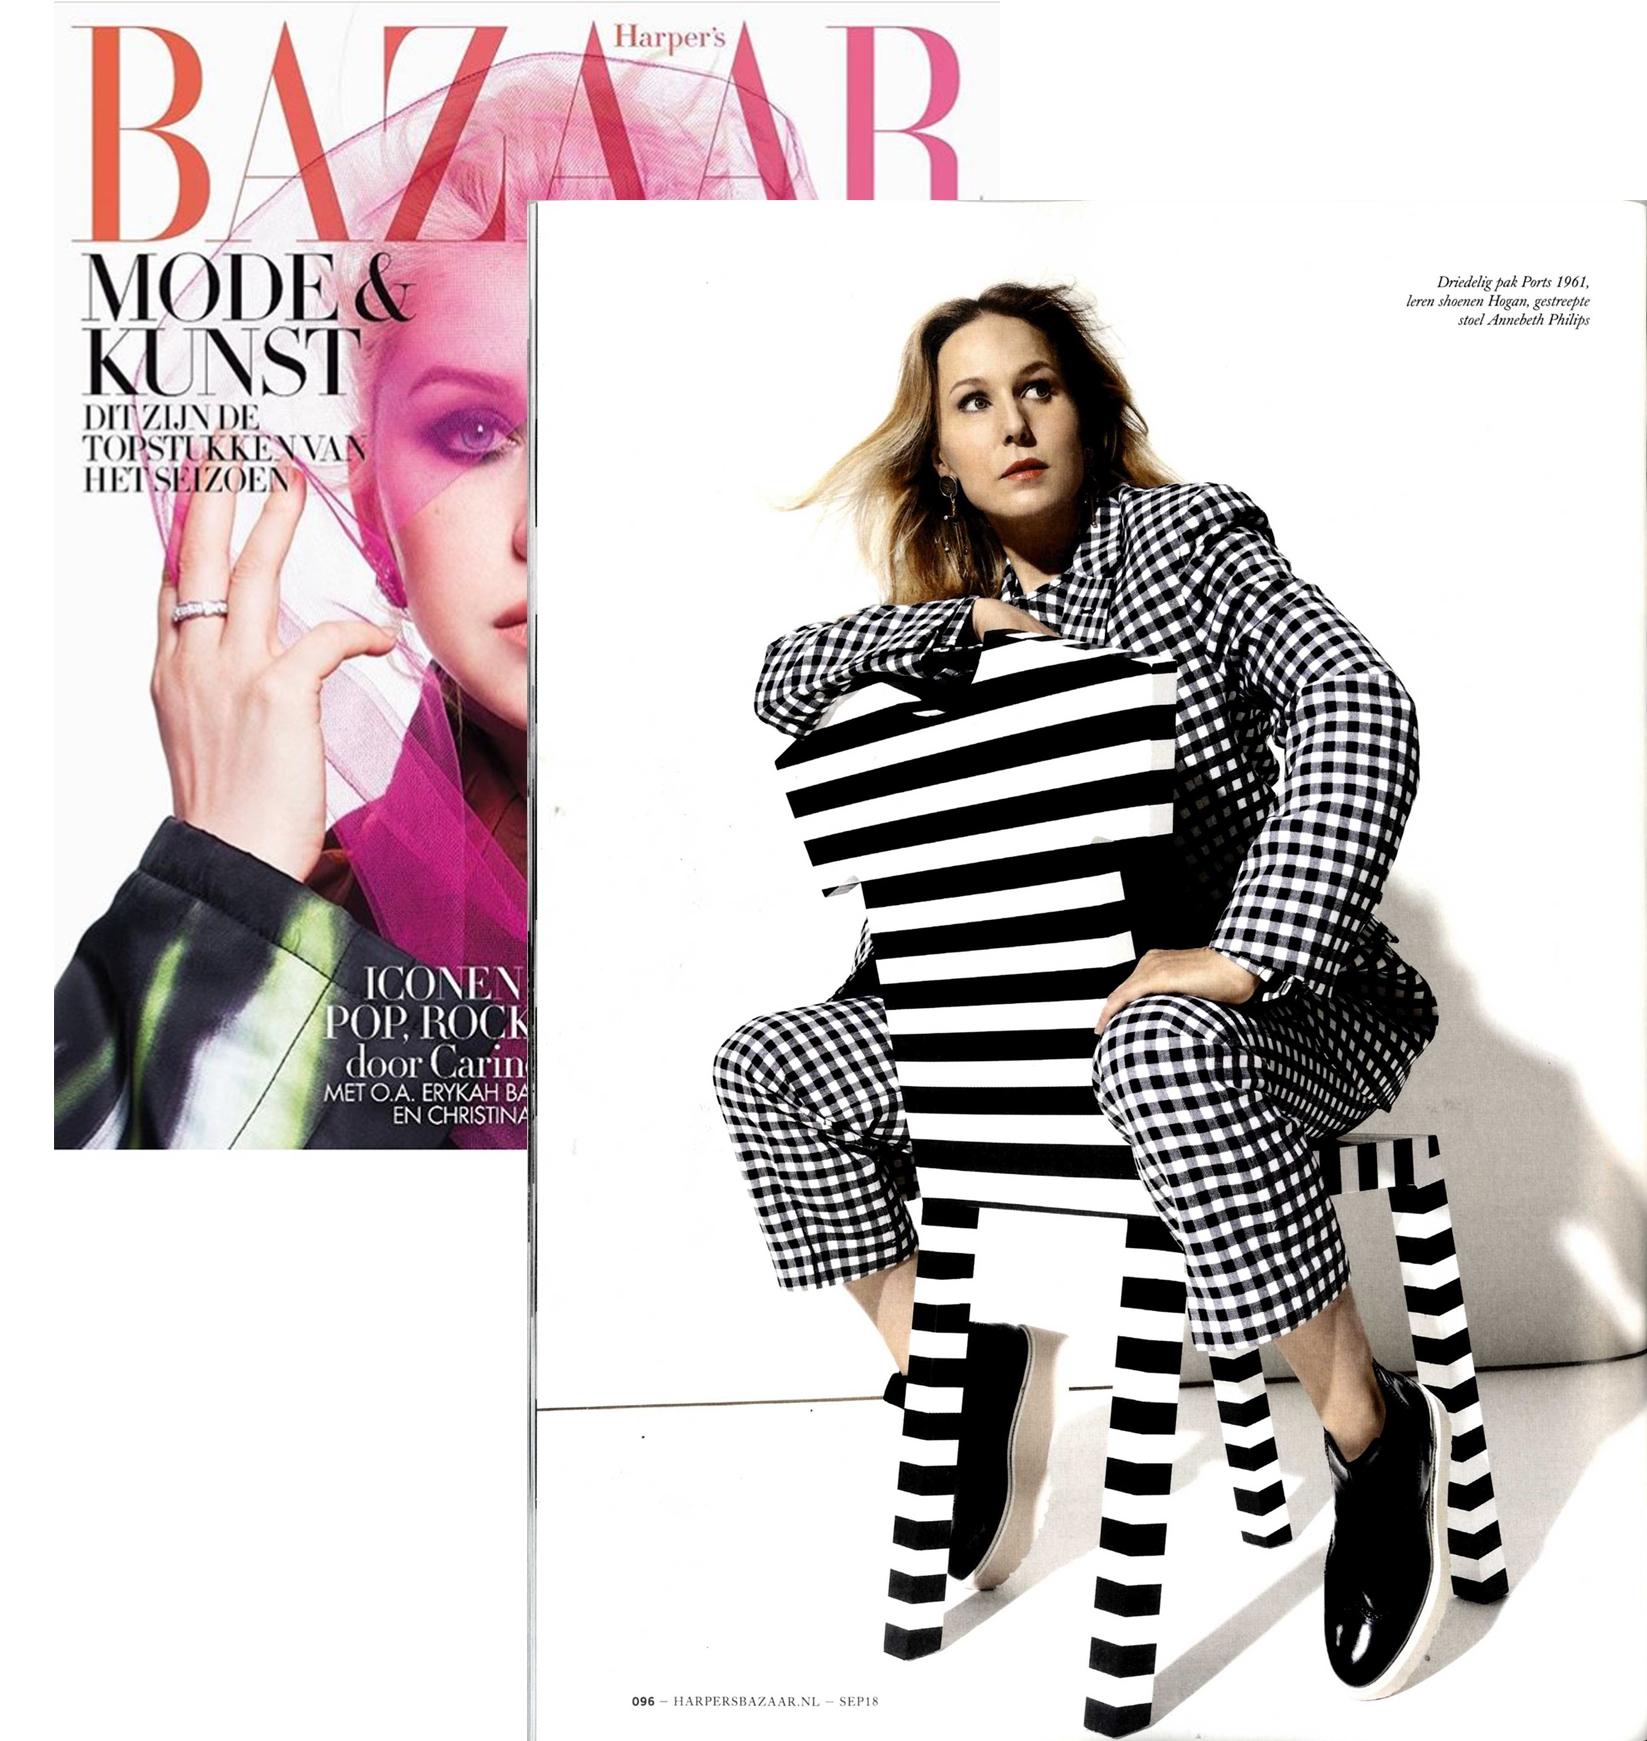 Harpers Bazaar 2018